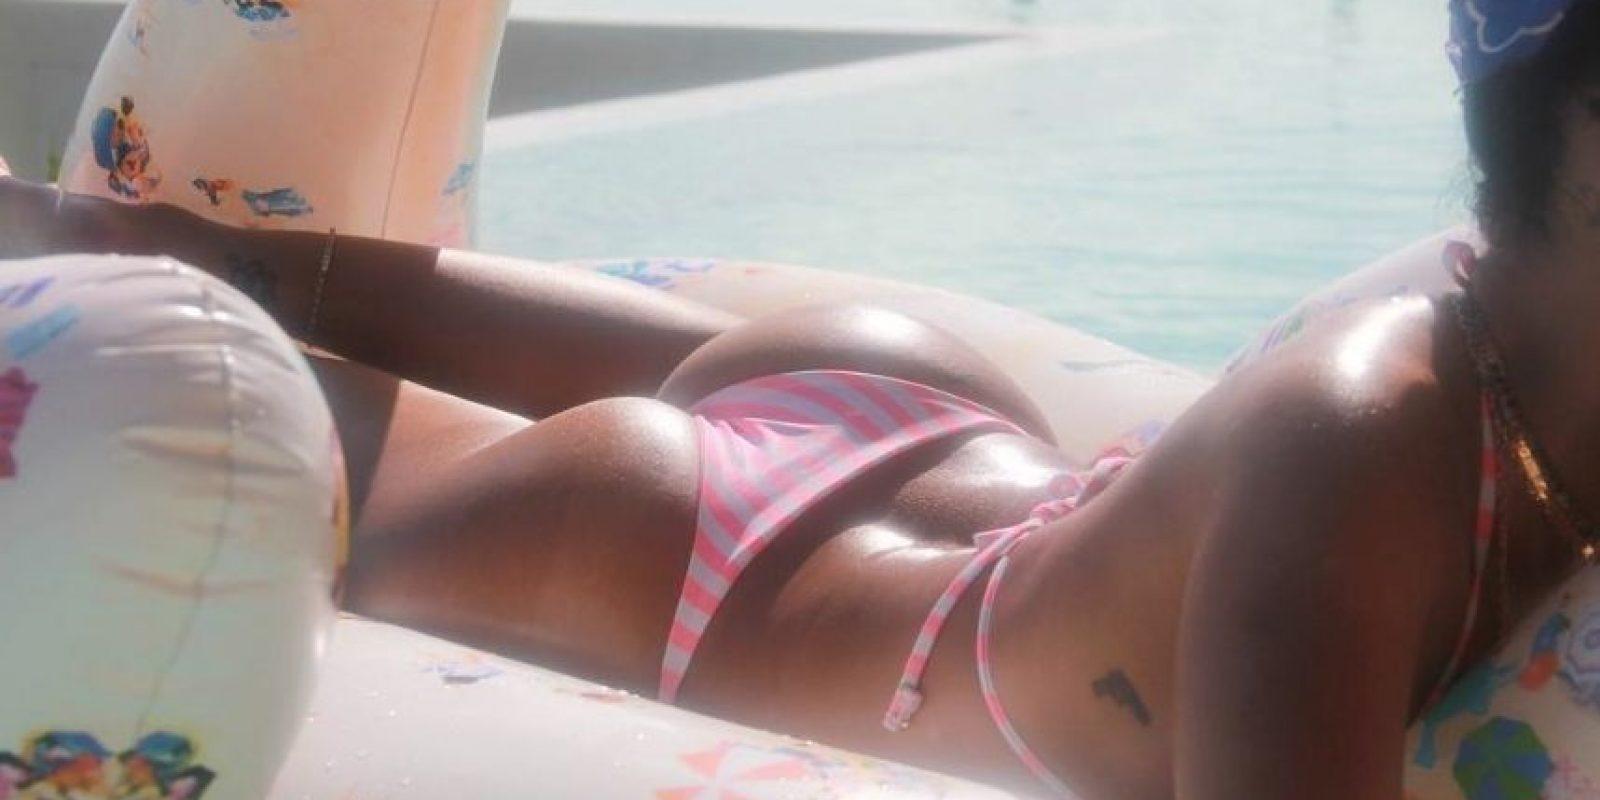 Al día siguiente mostró un bikini rosa Foto:Vía Instagram/@mdollas11